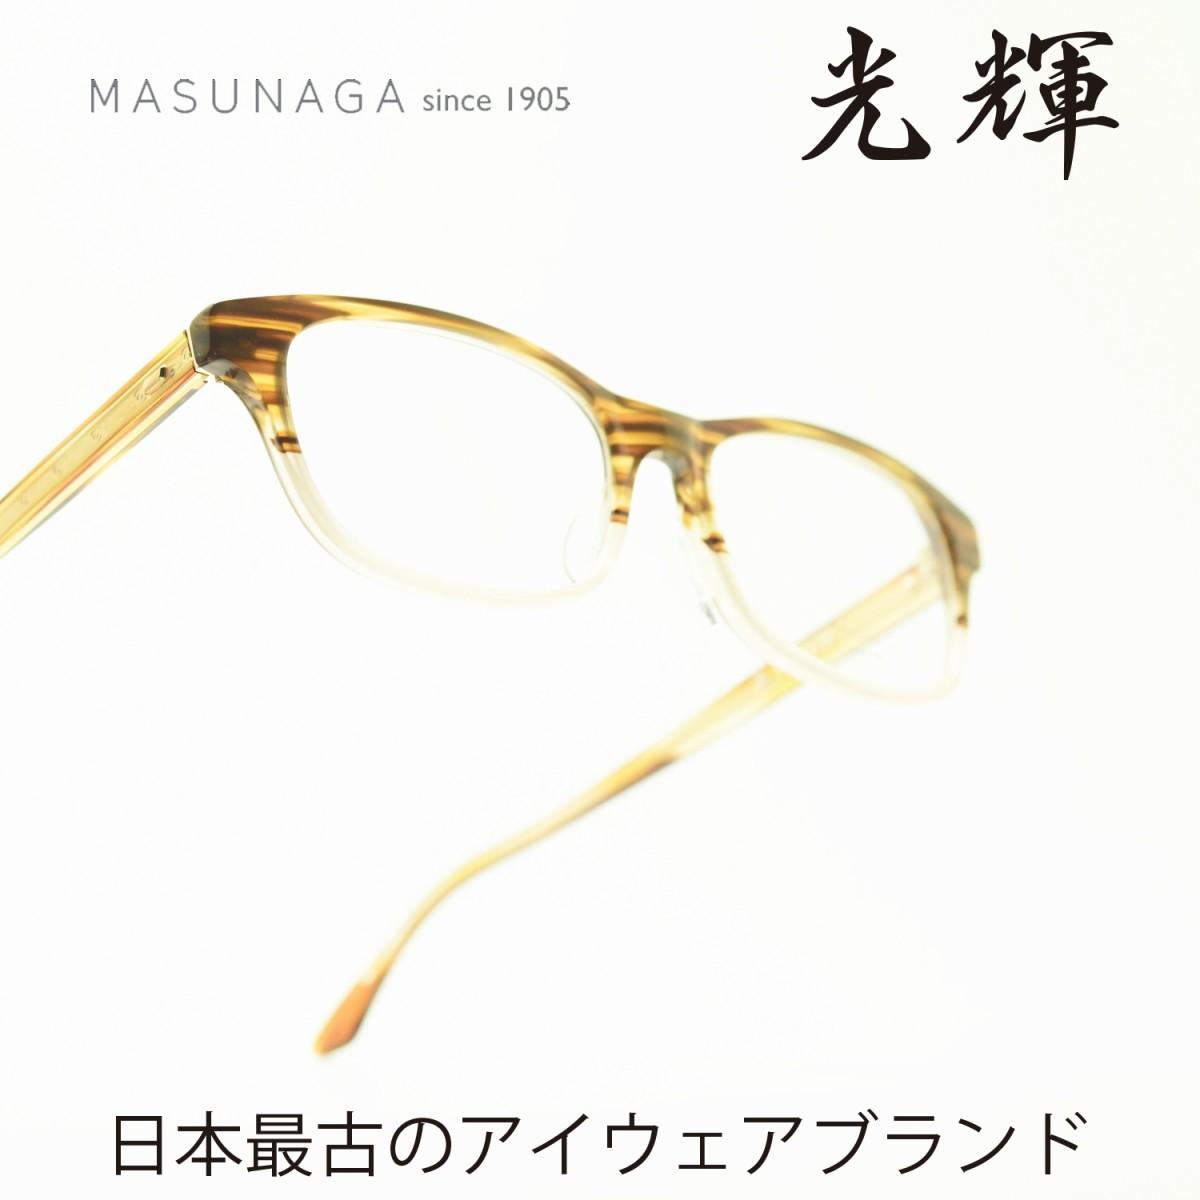 増永眼鏡 MASUNAGA光輝 078 col-13 BR-PK